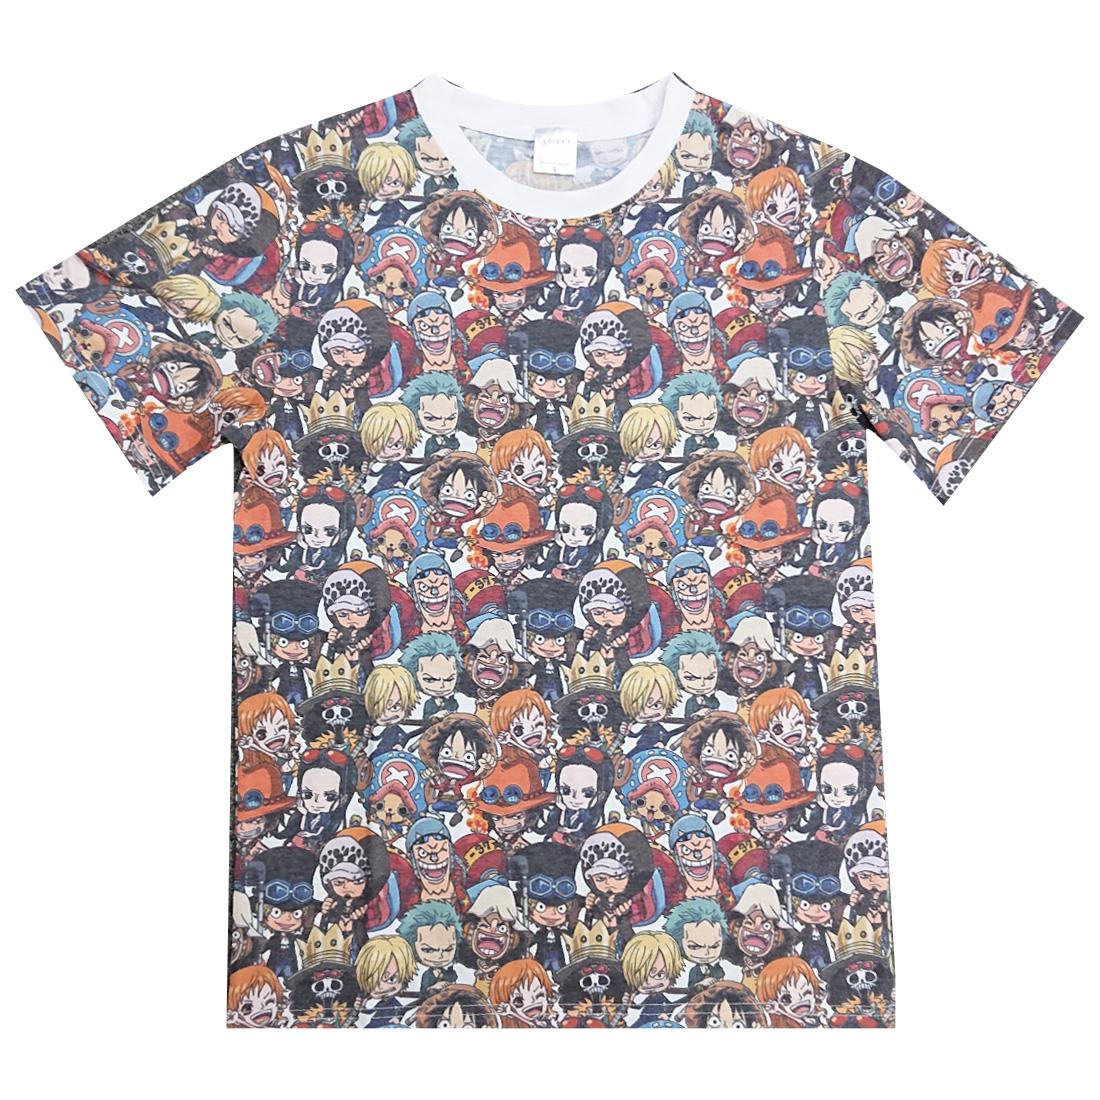 注目商品 ONEPIECE 現金特価 ワンピース Tシャツ入荷 SALE 集合 パターン 30%OFF 期間限定 Tシャツ